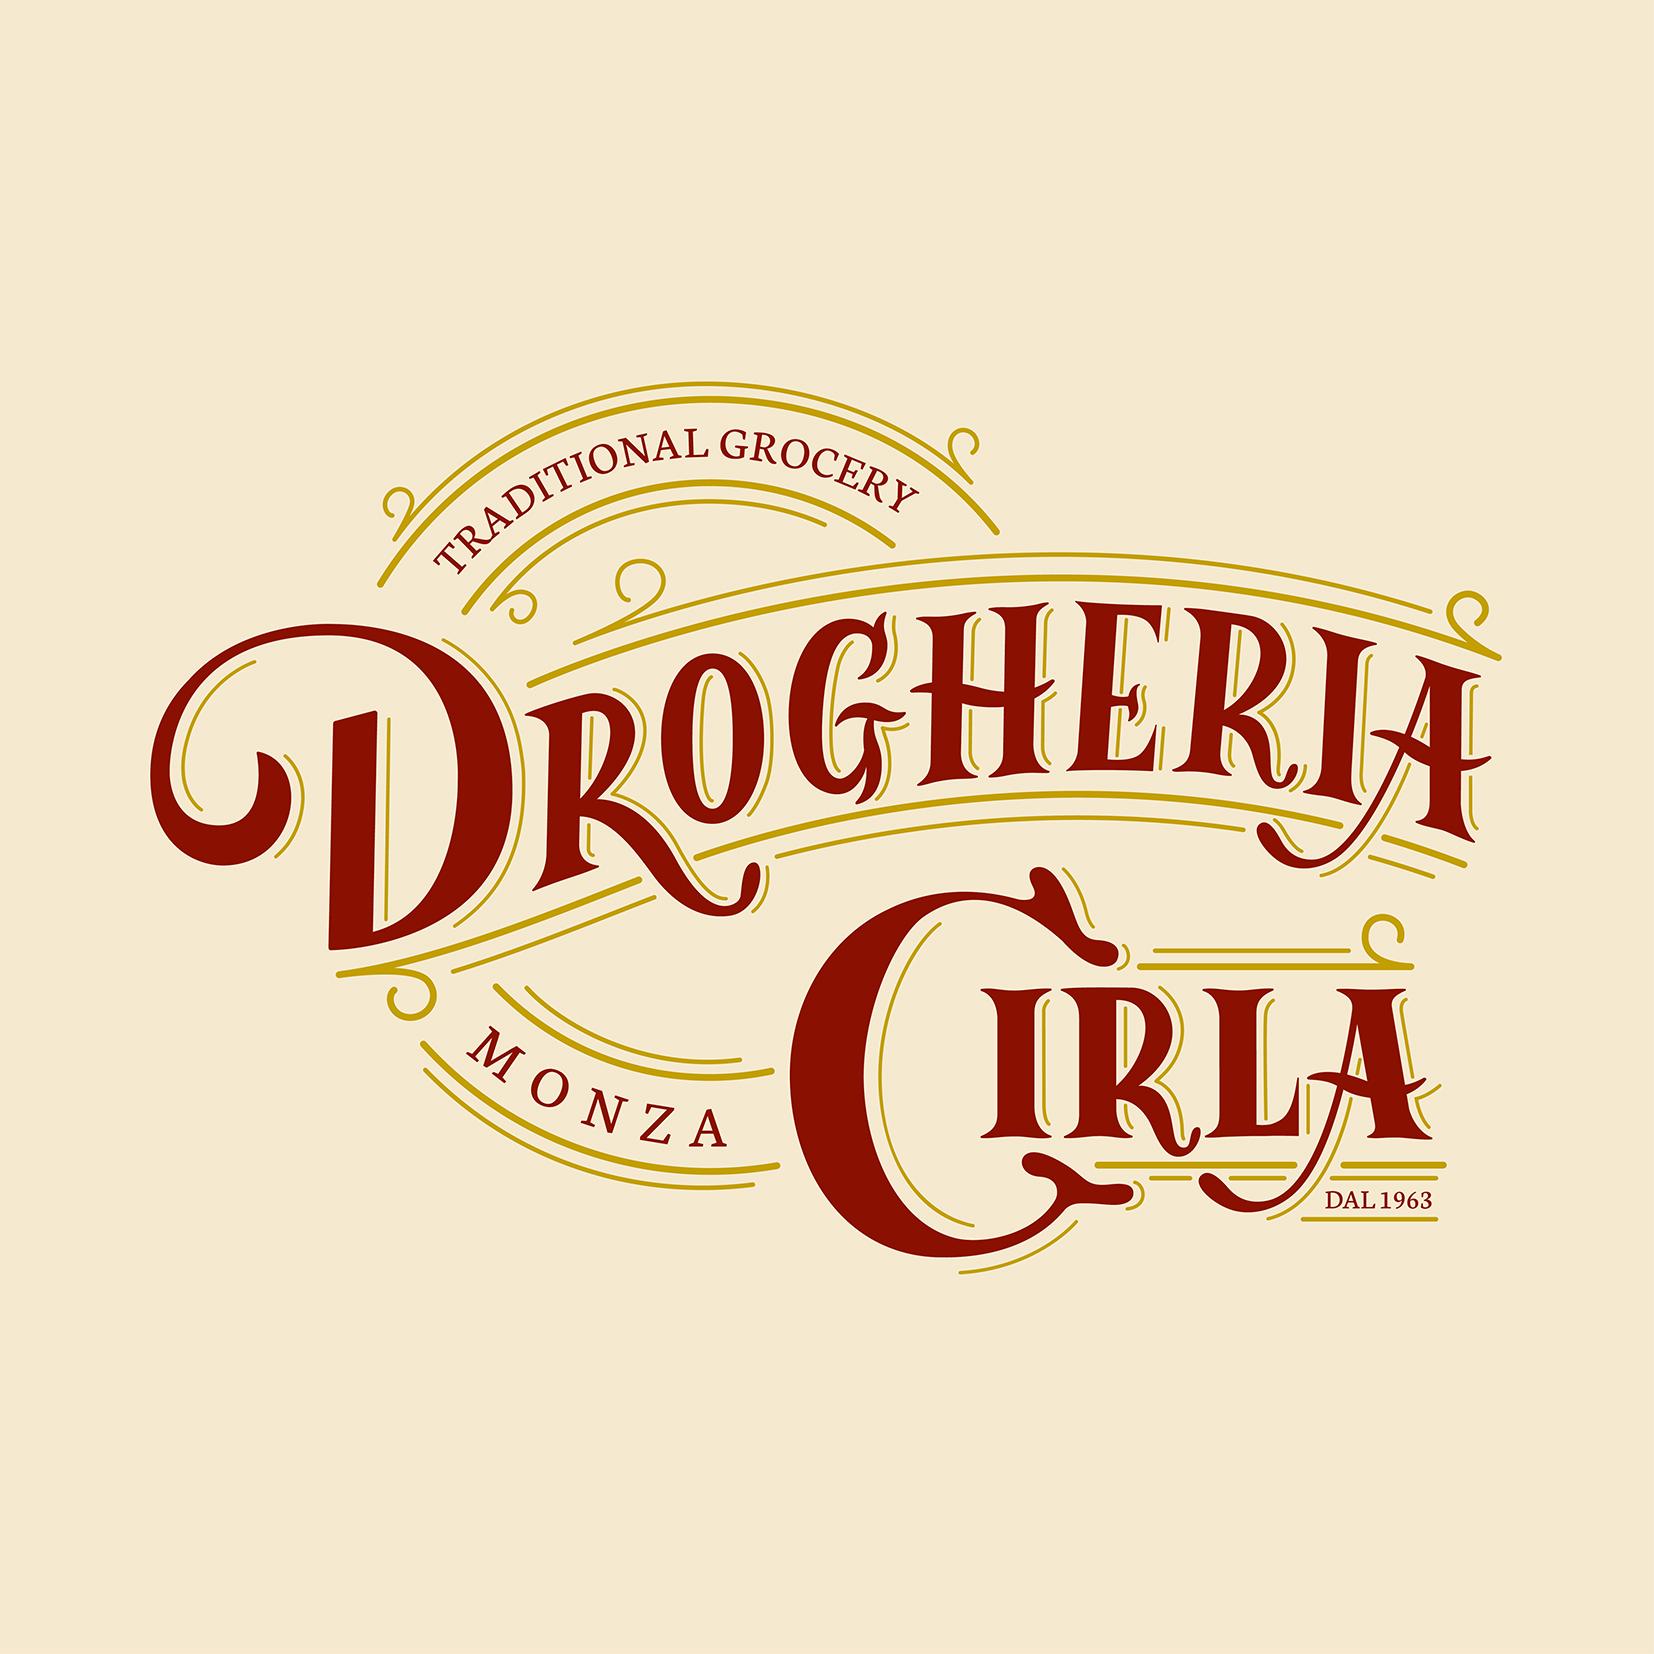 Drogheria Cirla